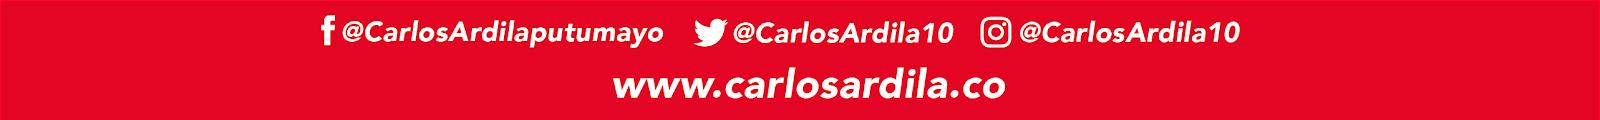 ../Desktop/Carlos%20Ardila/Formato%20comunicado/BoletinPiePagina.png